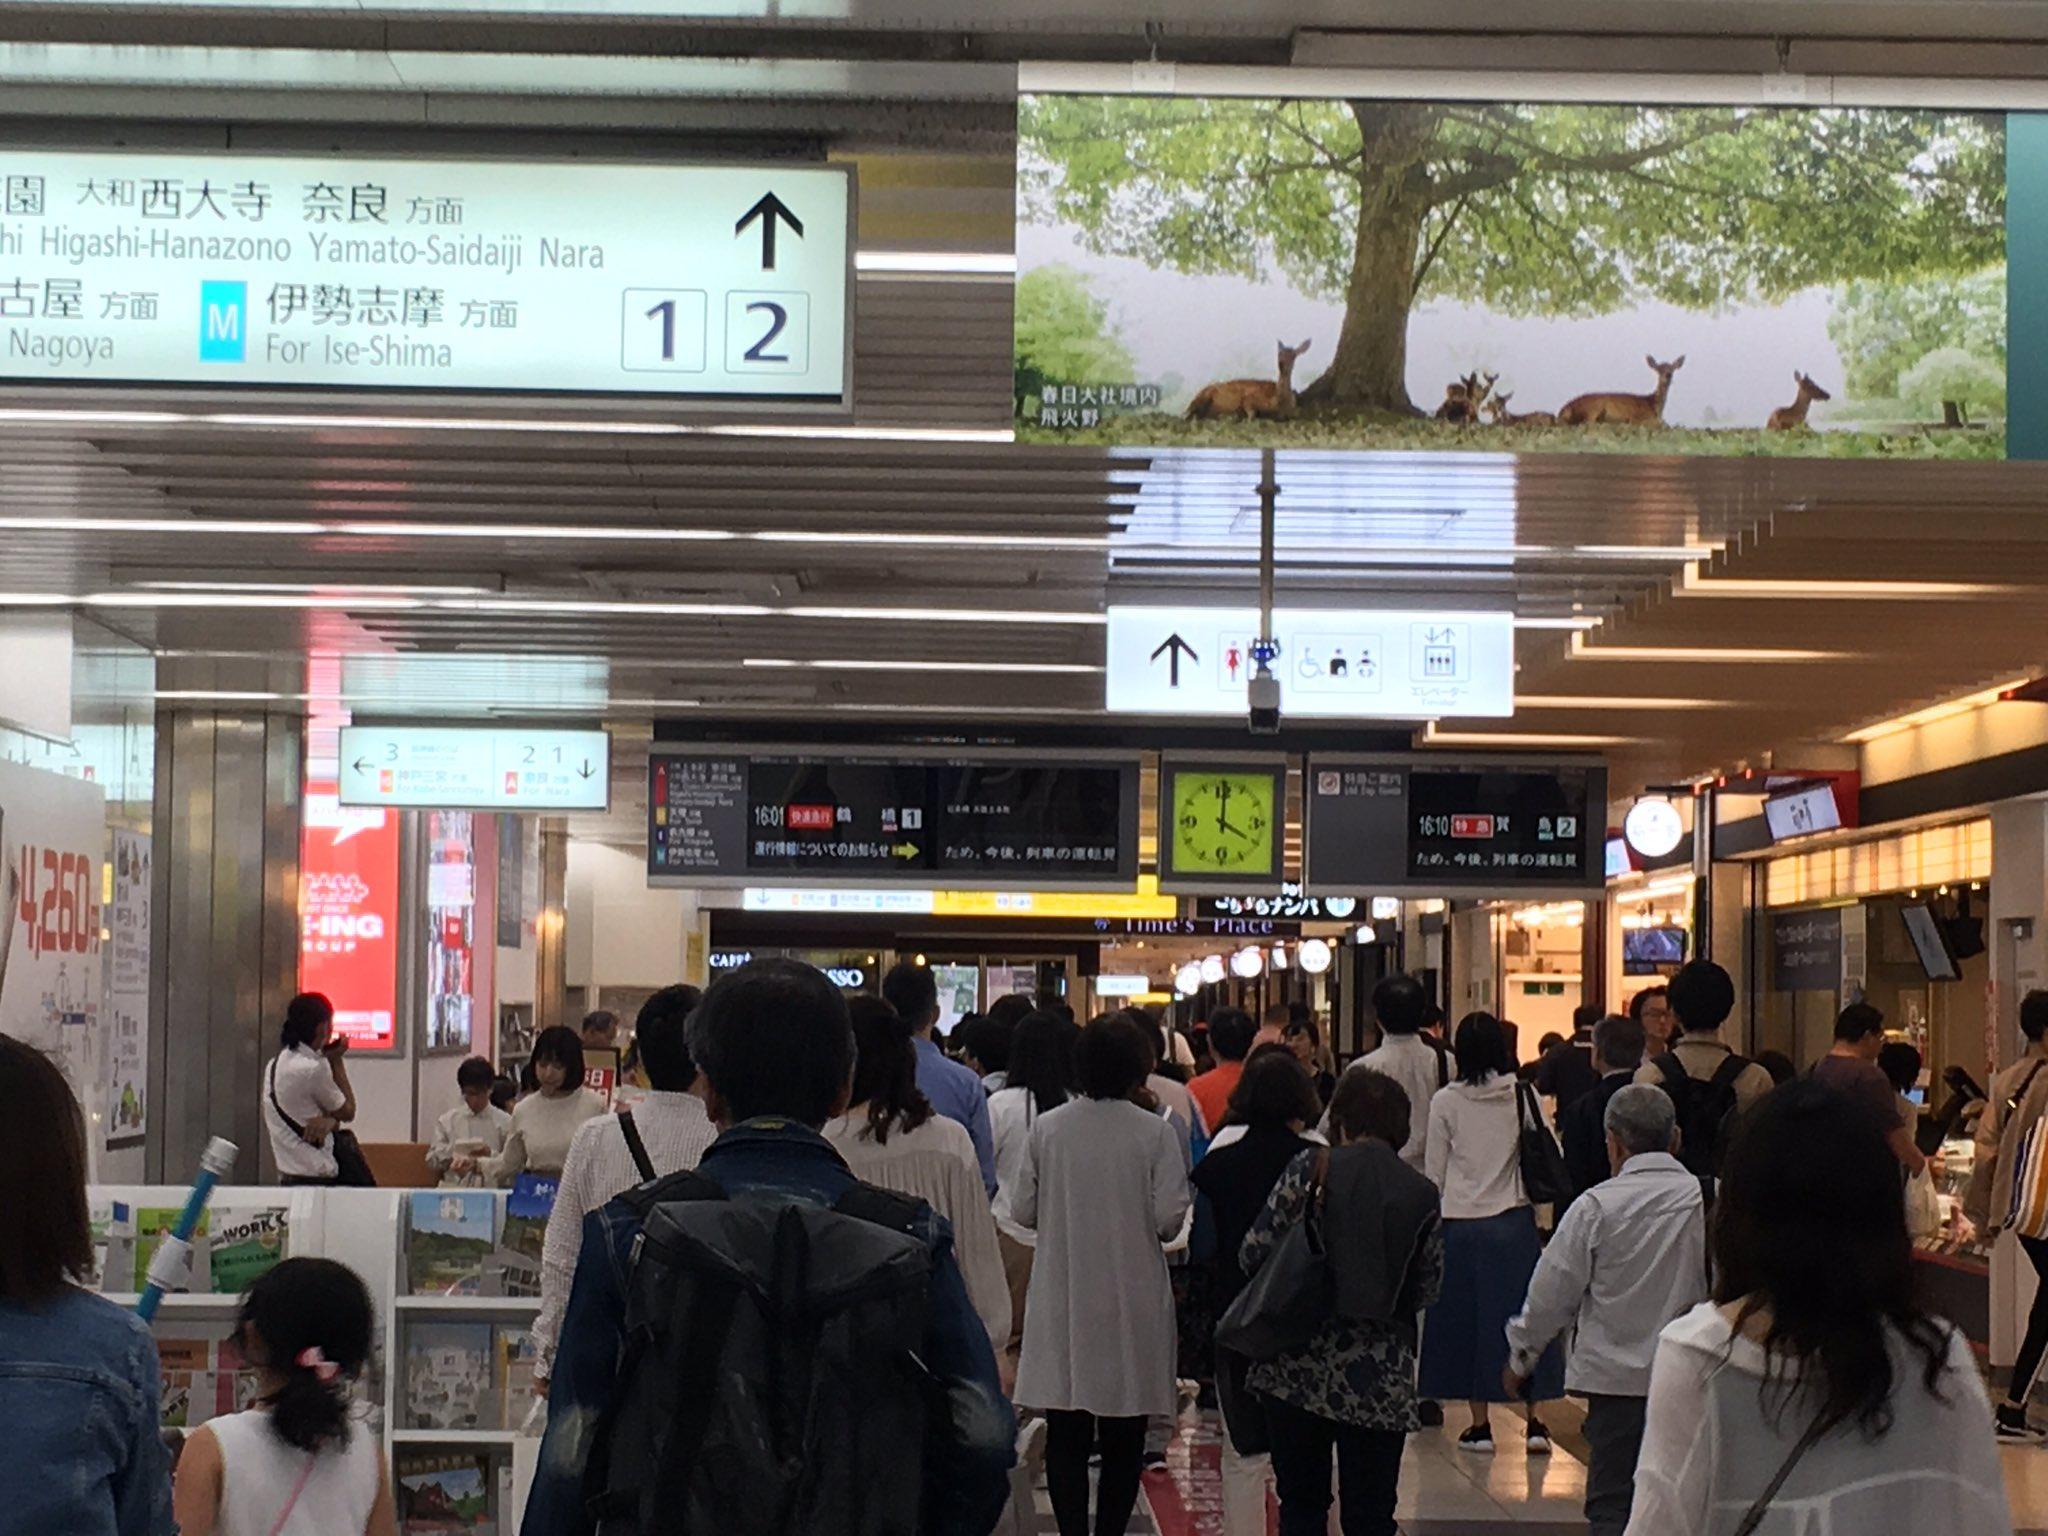 若江岩田駅の人身事故で混雑している画像